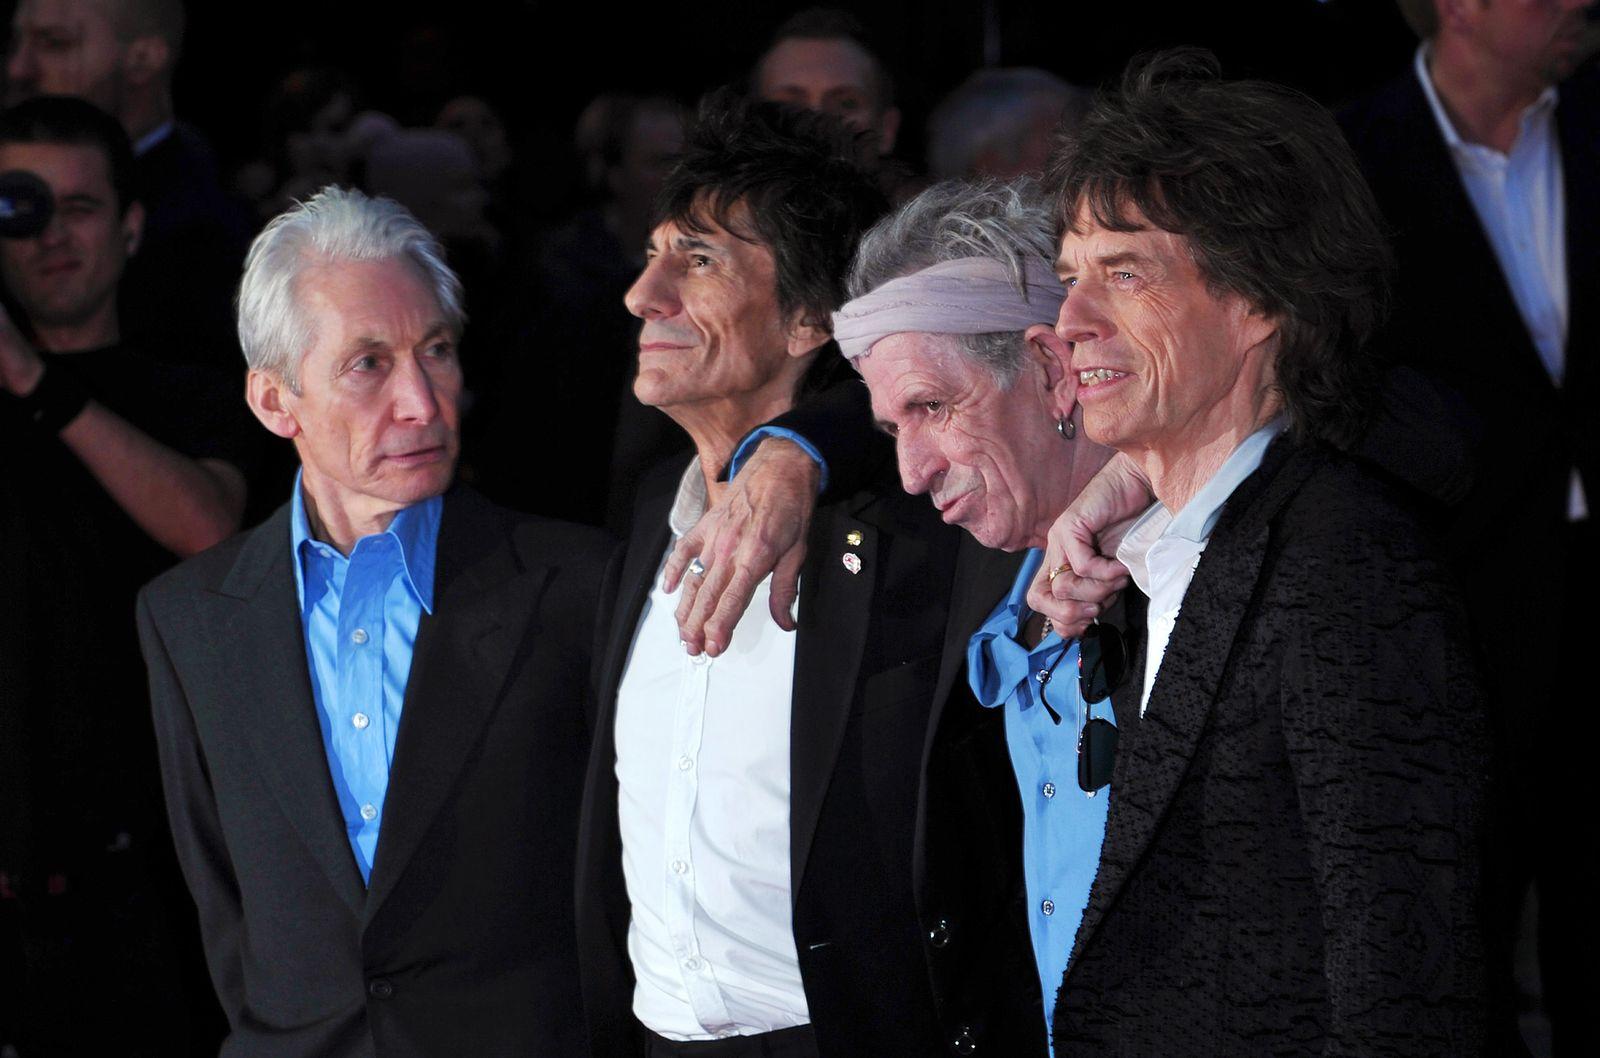 Stones Richards